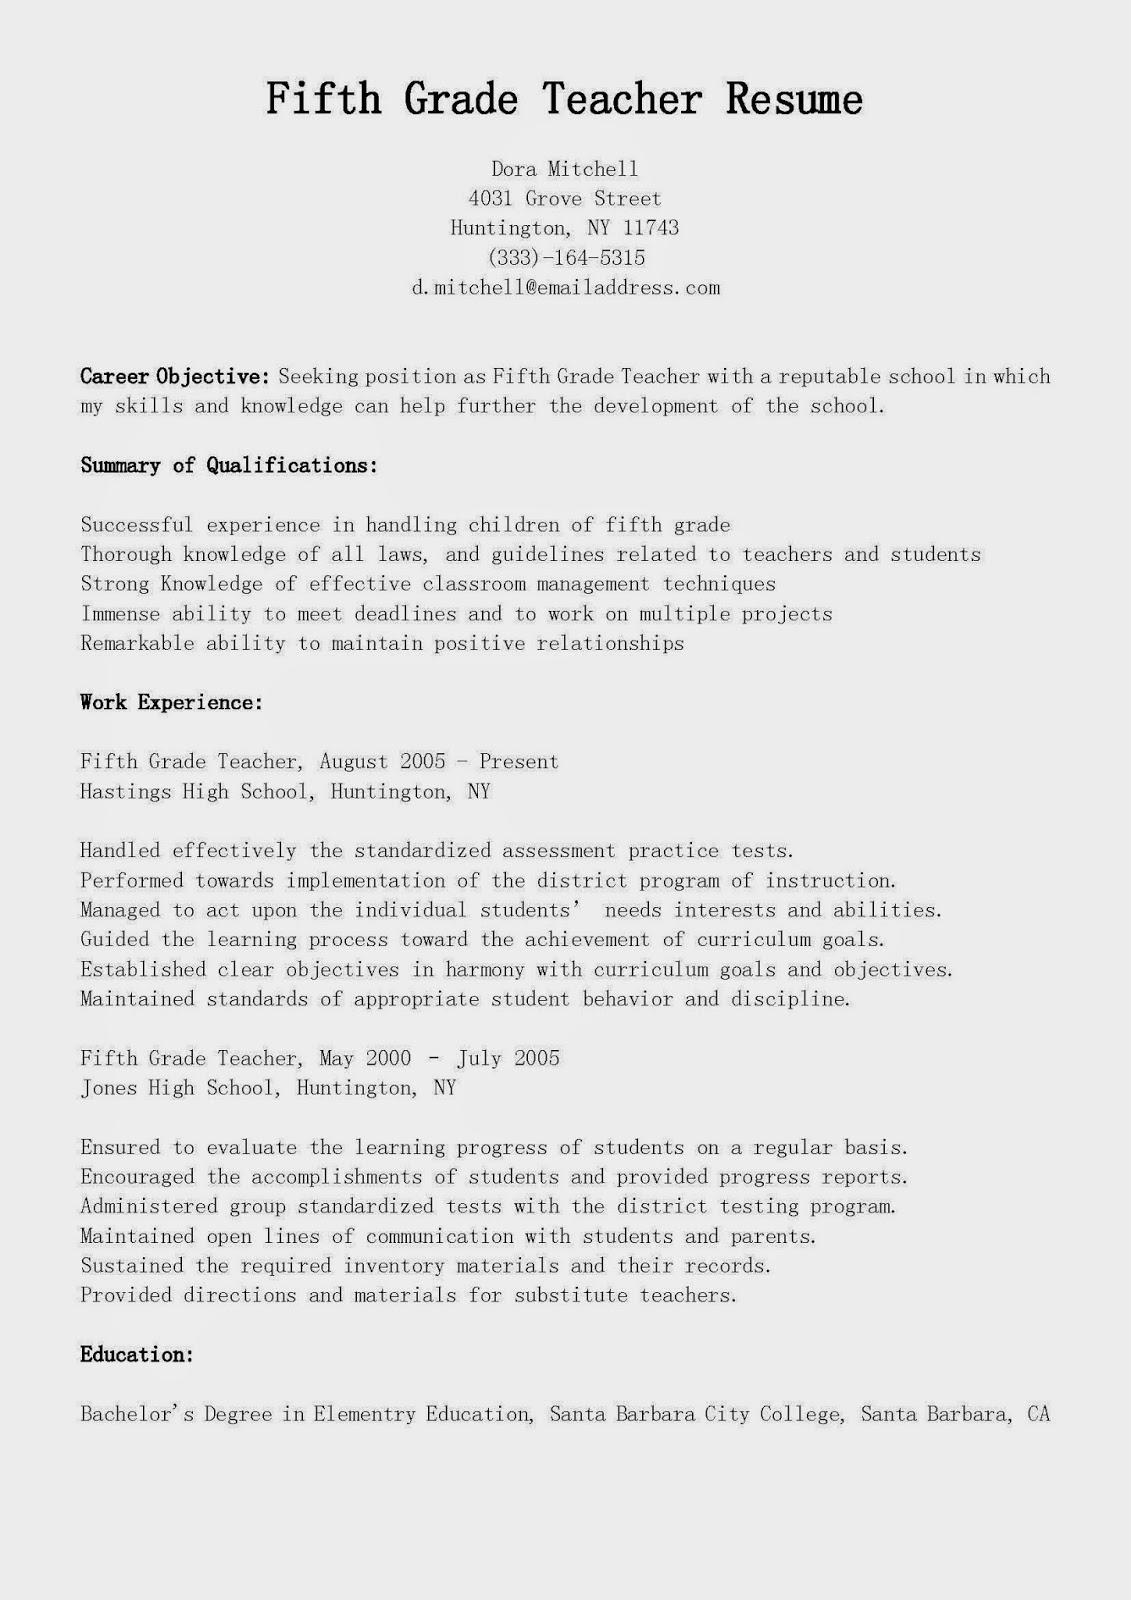 resume samples fifth grade teacher resume sample